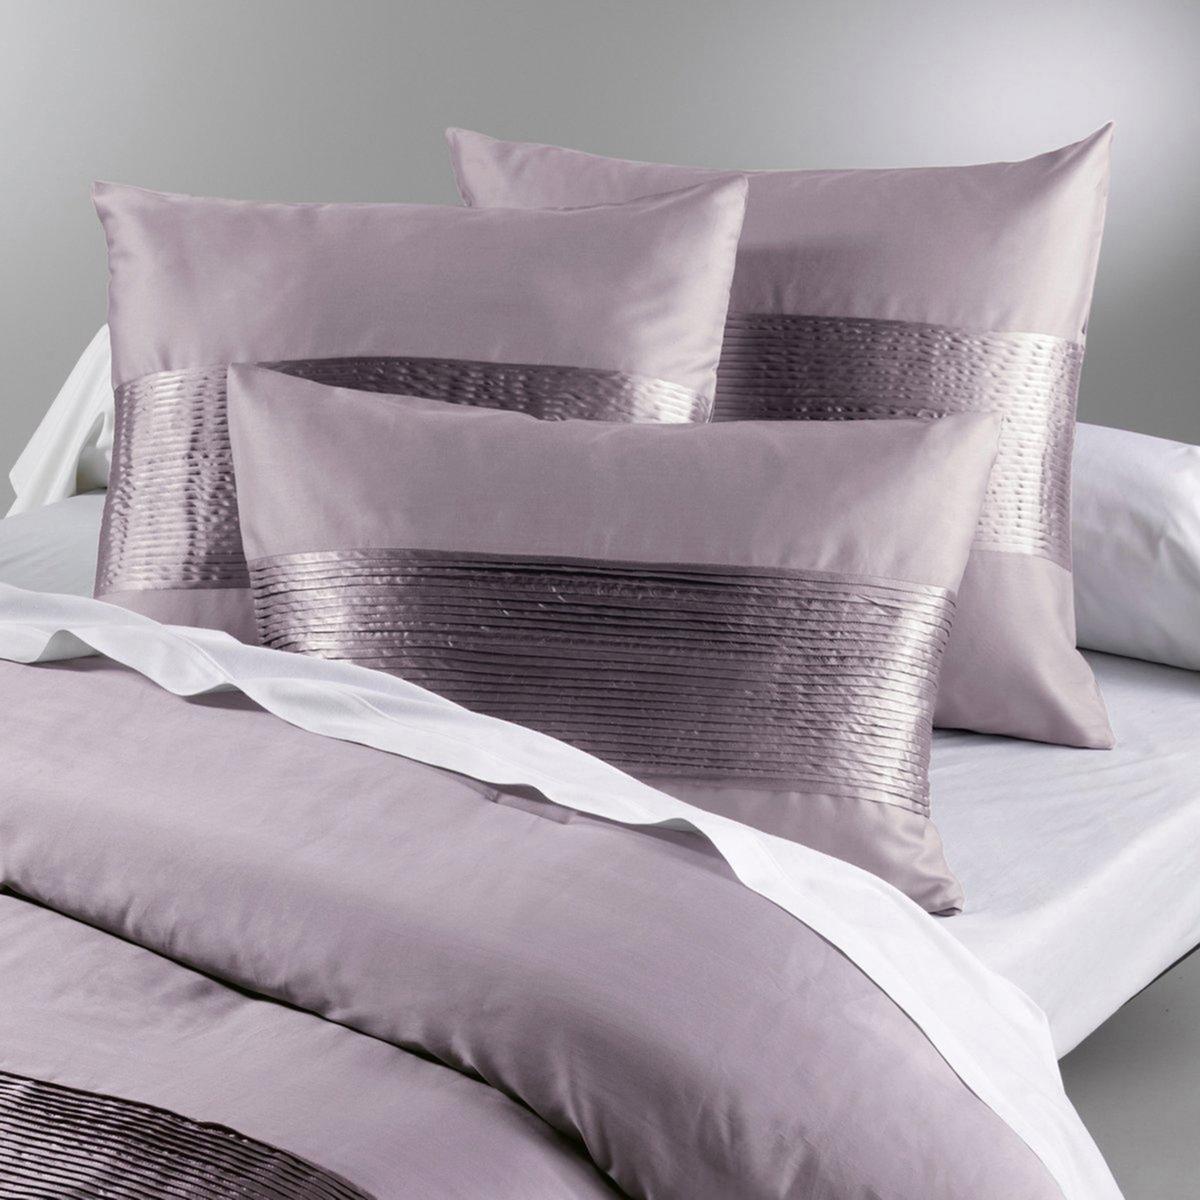 Чехол на подушку из хлопкового сатина, AEMIХарактеристики чехла на подушку :- Мягкий и шелковистый хлопковый сатин, украшенный складками из однотонного полиэстера .- Застежка на скрытую молнию.- Можно стирать при температуре 30° .<br><br>Цвет: бежевый,белый,каштановый,серый,фиалковый<br>Размер: 65 x 65  см.65 x 65  см.50 x 70  см.65 x 65  см.50 x 70  см